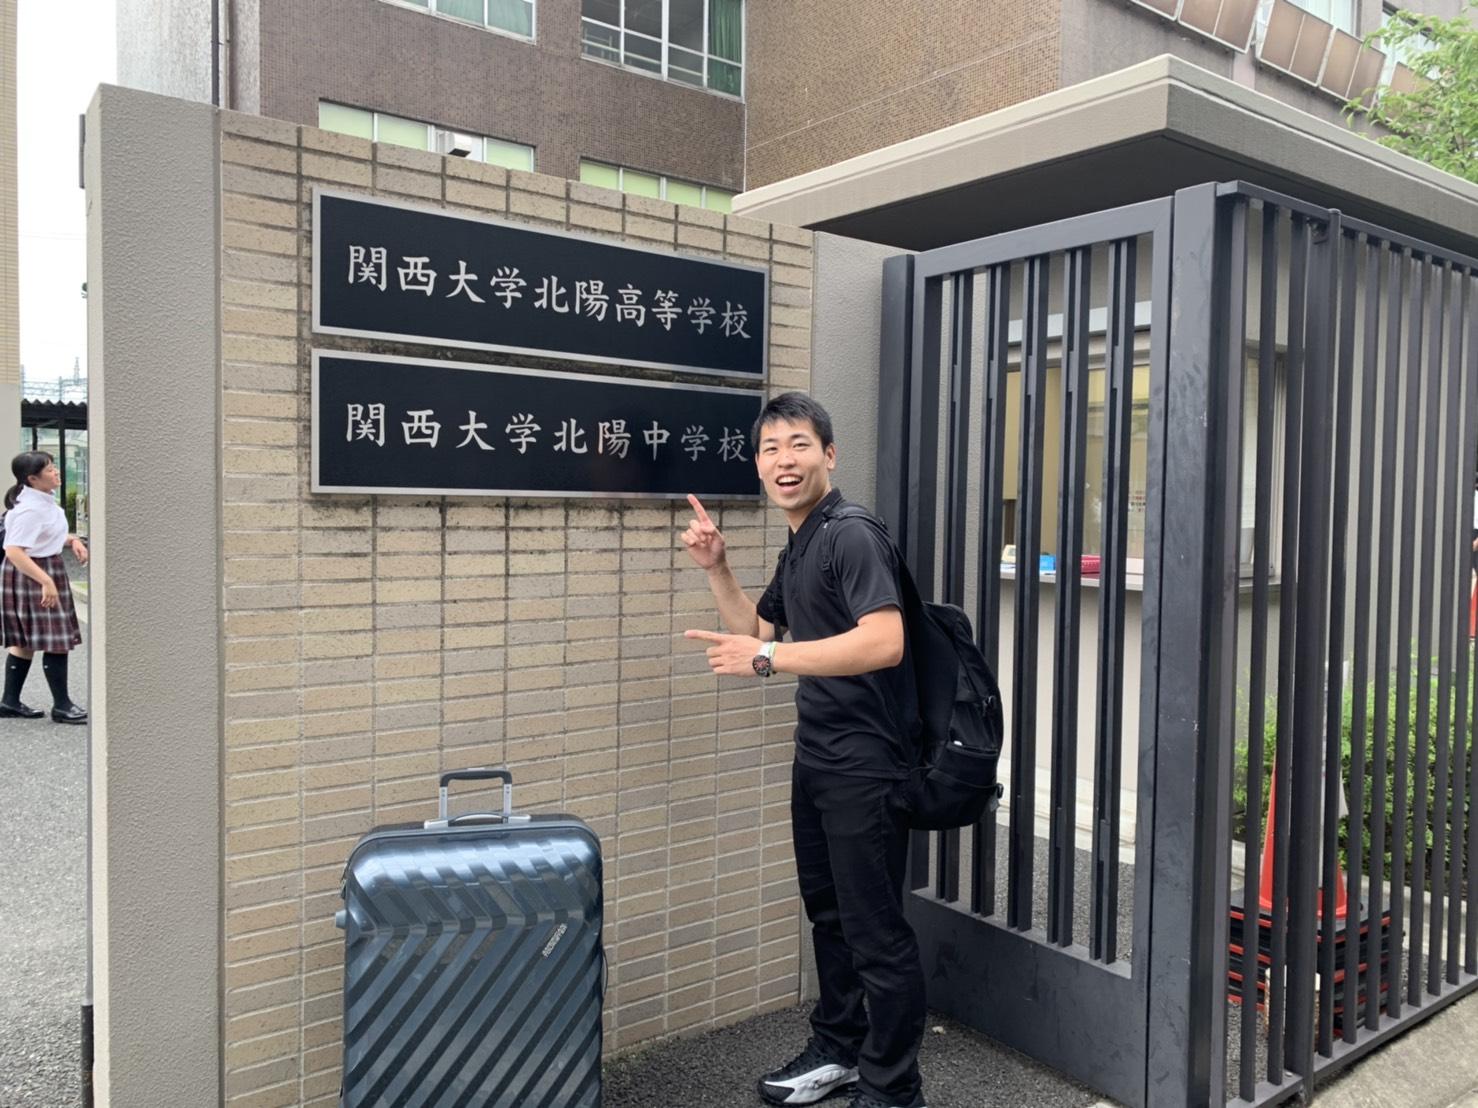 高校 関西 大学 北陽